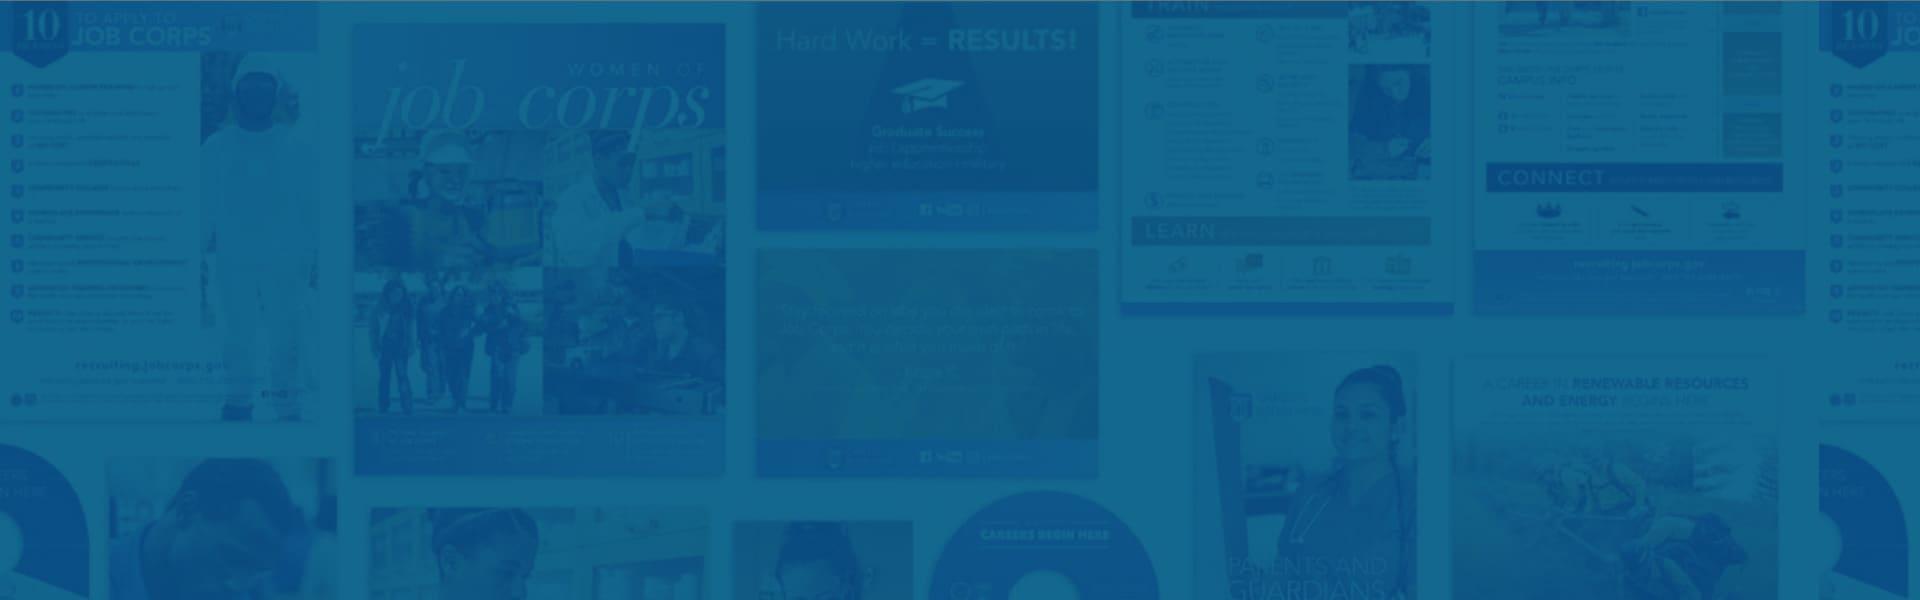 Job Corps | Nashville Web Design | Branding | Darkstar Digital